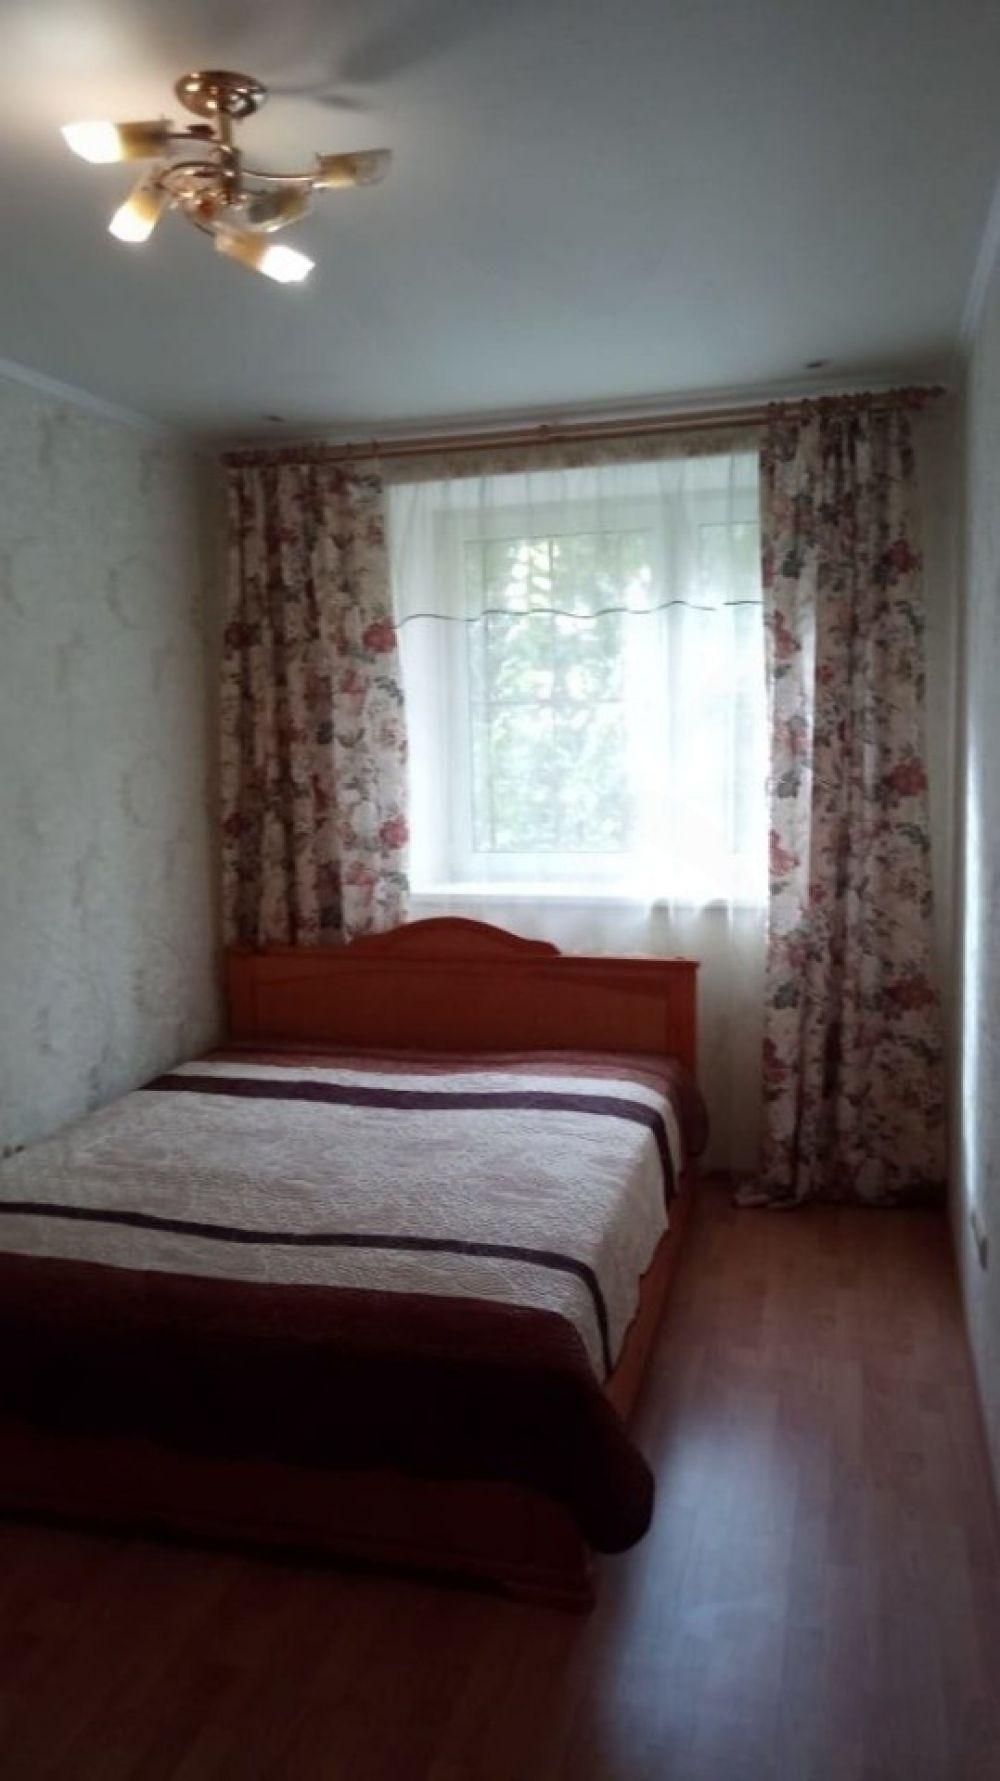 Продается 3-х комнатная квартира в Щелково Заречная 4, фото 13